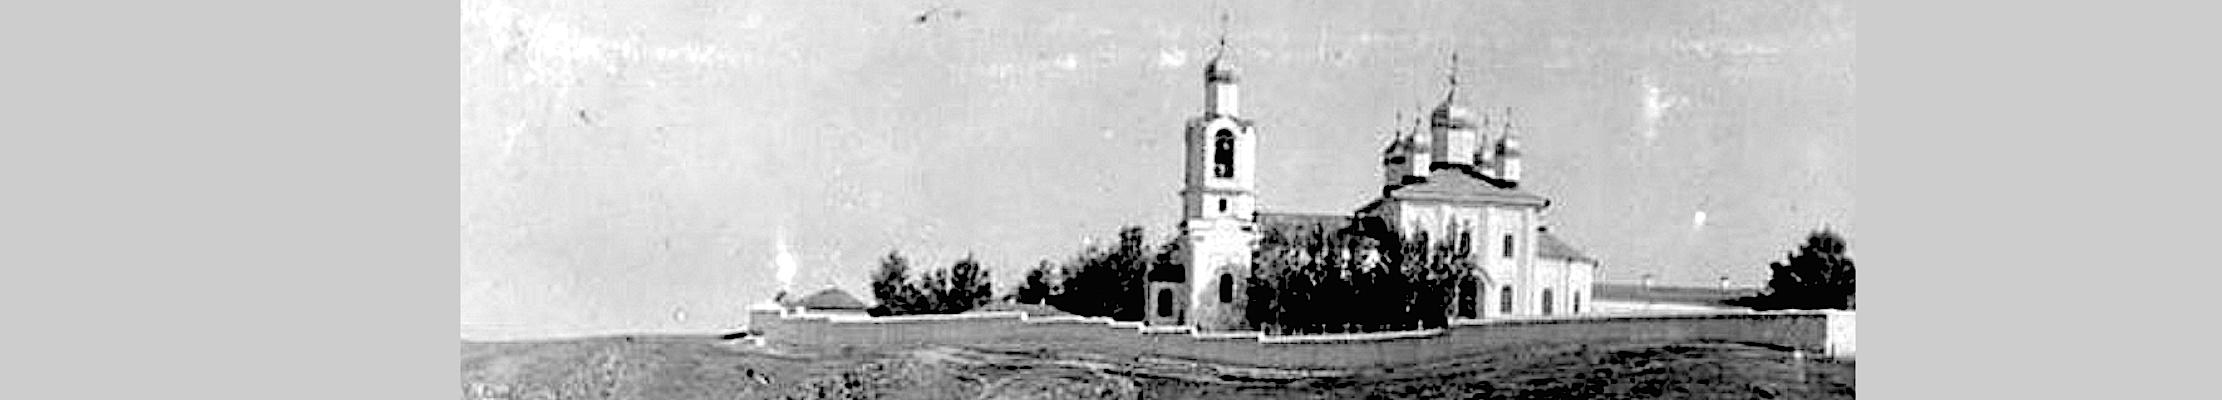 Вид Новоспасского монастыря в Москве.